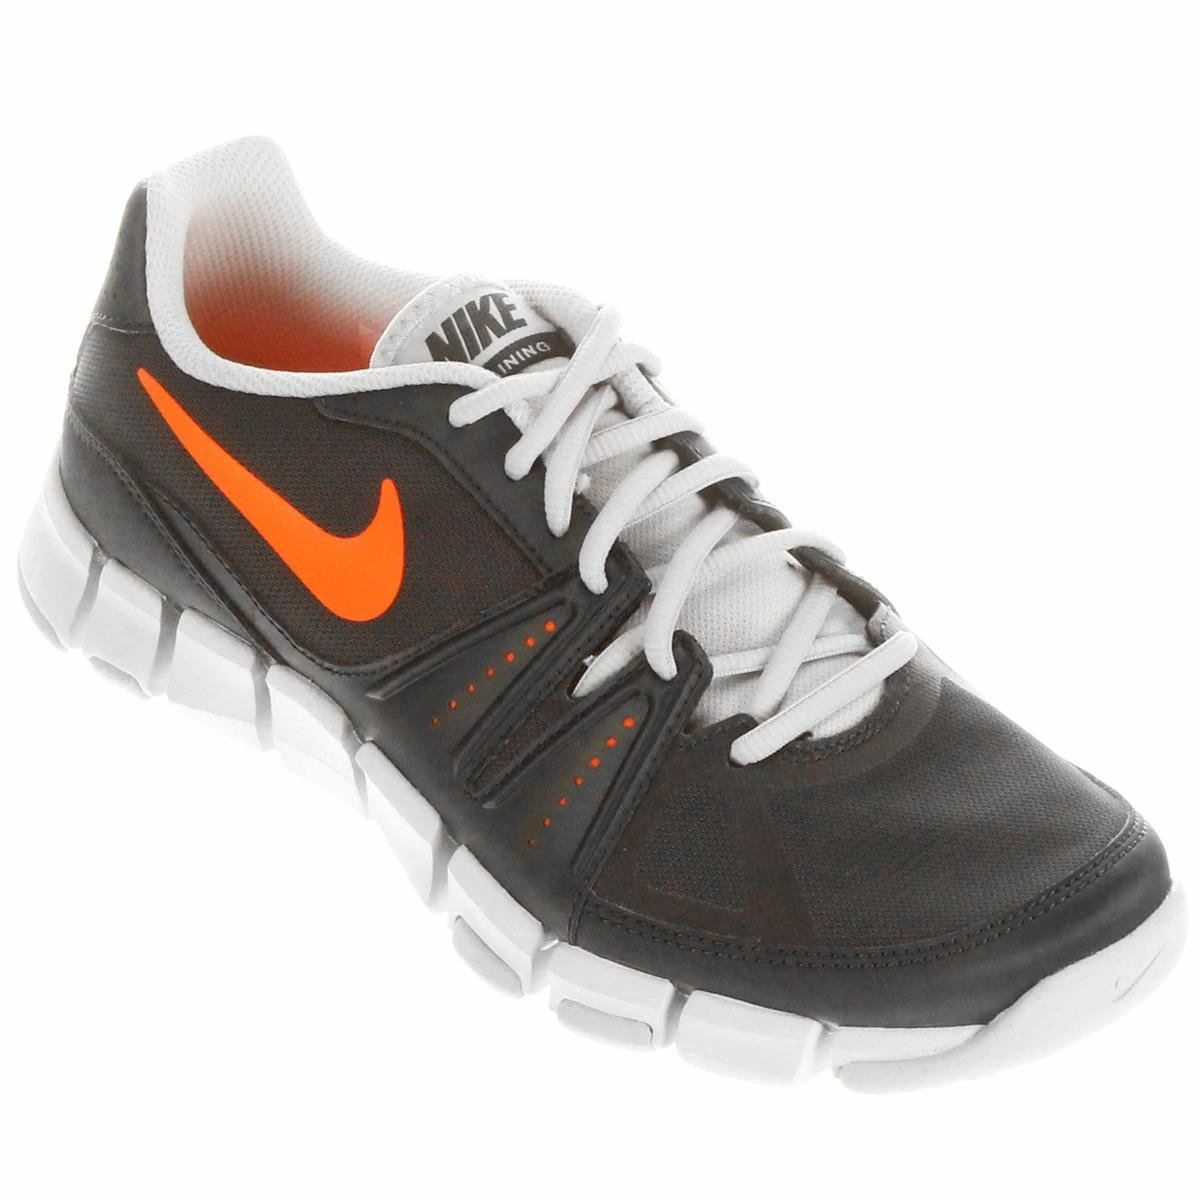 d3ea231b28 Tênis Nike Flex Show TR 3 MSL - Compre Agora